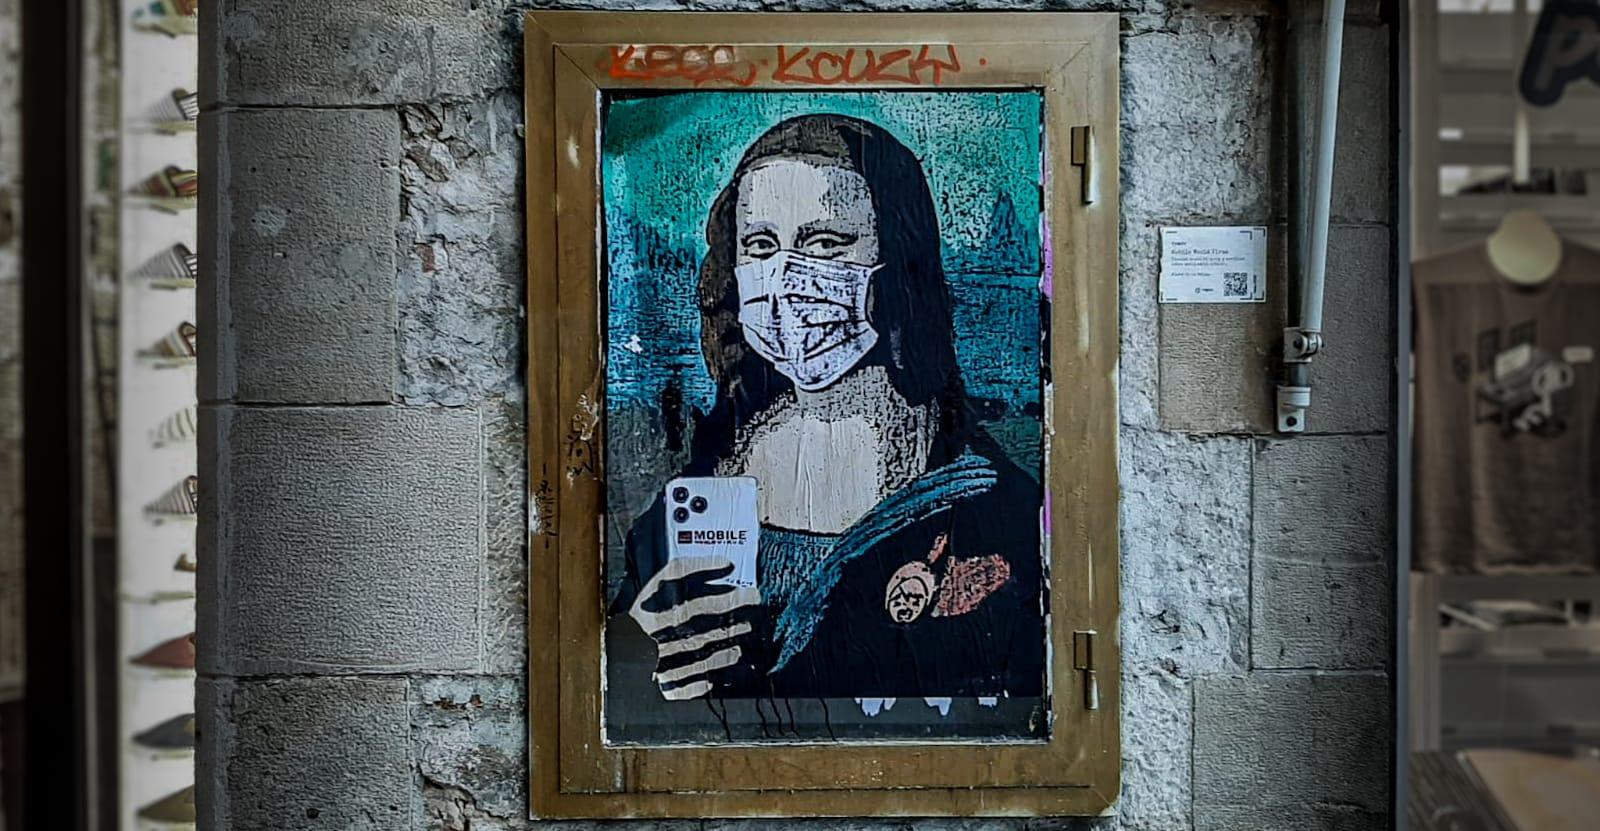 """Street art painting """"Mobile World Virus"""" by TVBoy"""